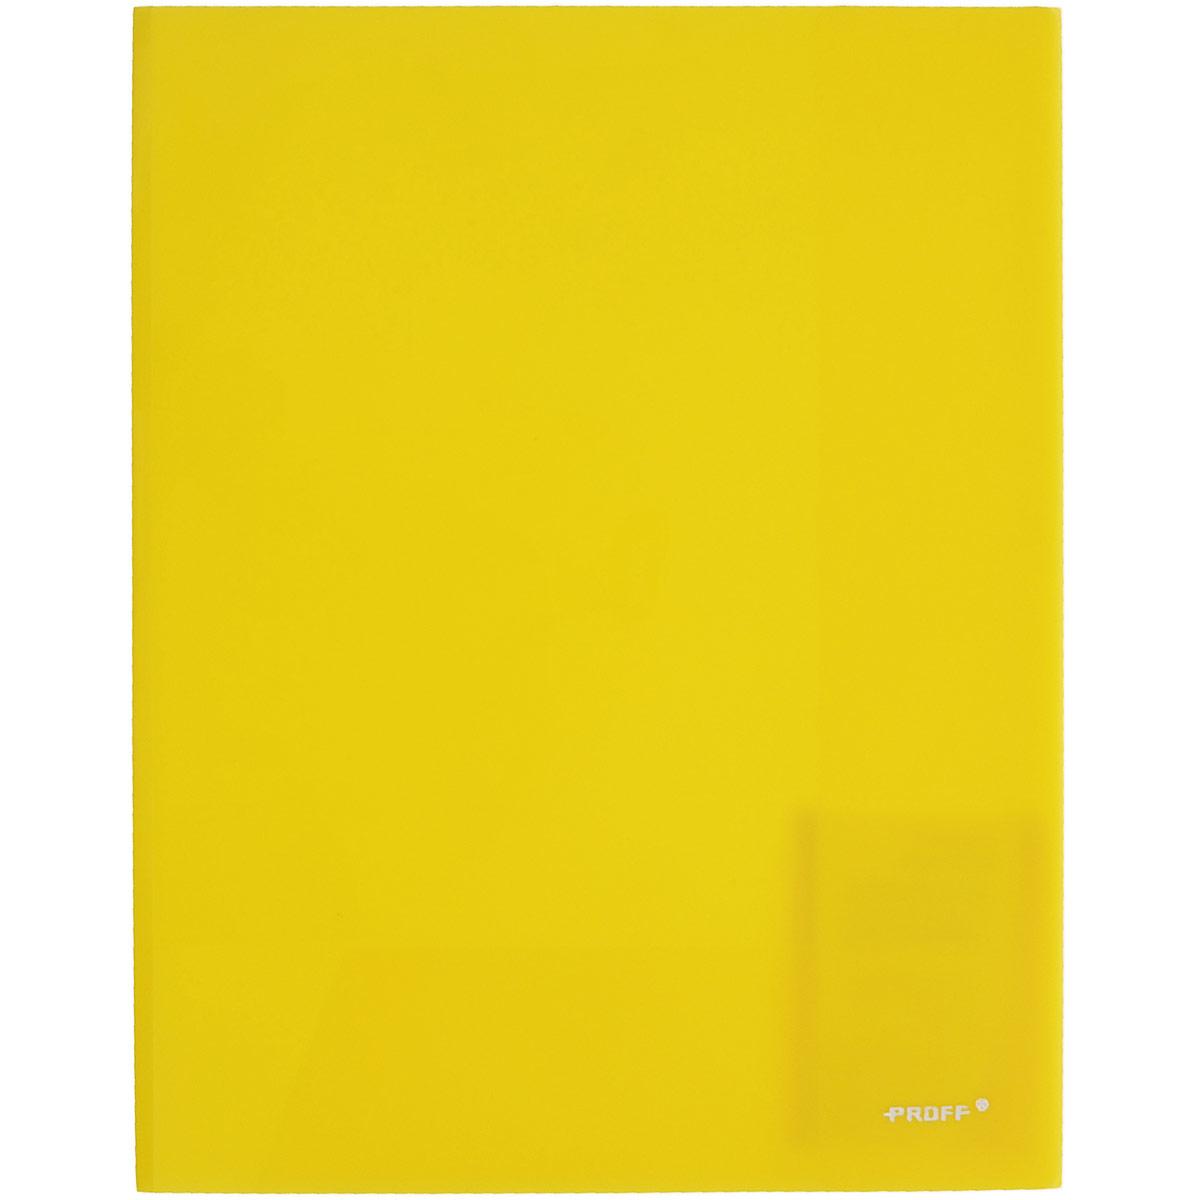 Proff Папка-уголок цвет желтый 2 клапанаE311A/30-TF-02Папка-уголок Proff, изготовленная из высококачественного полипропилена -это удобный и практичный офисный инструмент, предназначенный для хранения и транспортировки рабочих бумаг и документов формата А4. Полупрозрачная папка оснащена двумя клапана внутри для надежного удержания бумаг. Папка-уголок - это незаменимый атрибут для студента, школьника, офисного работника. Такая папка надежно сохранит ваши документы и сбережет их от повреждений, пыли и влаги.